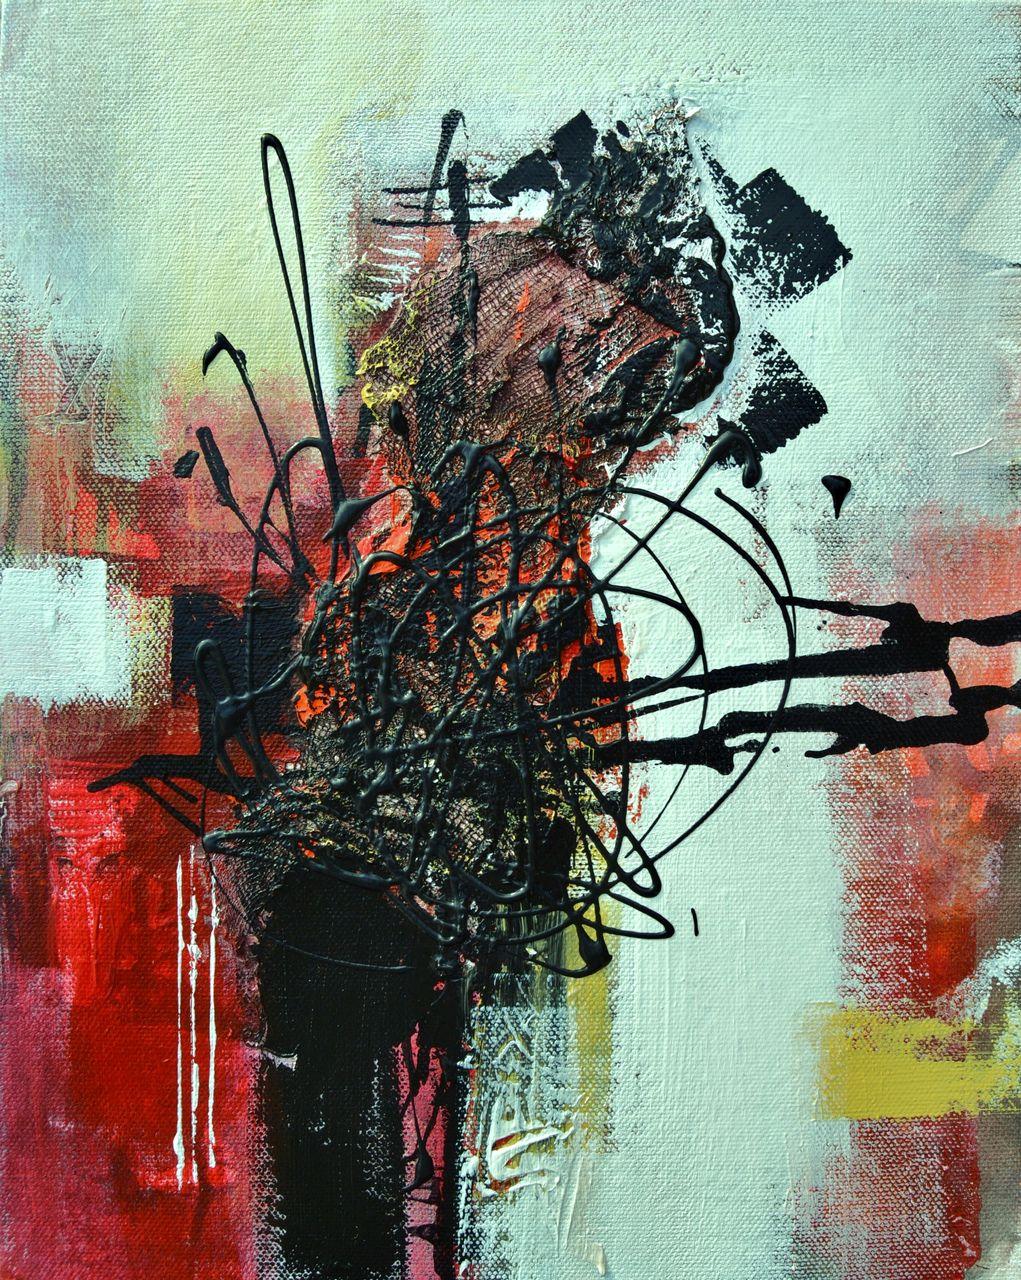 Image wandgestaltung gelb rot schwarz effekt von gitti xxl on kunstnet - Wandgestaltung rot ...